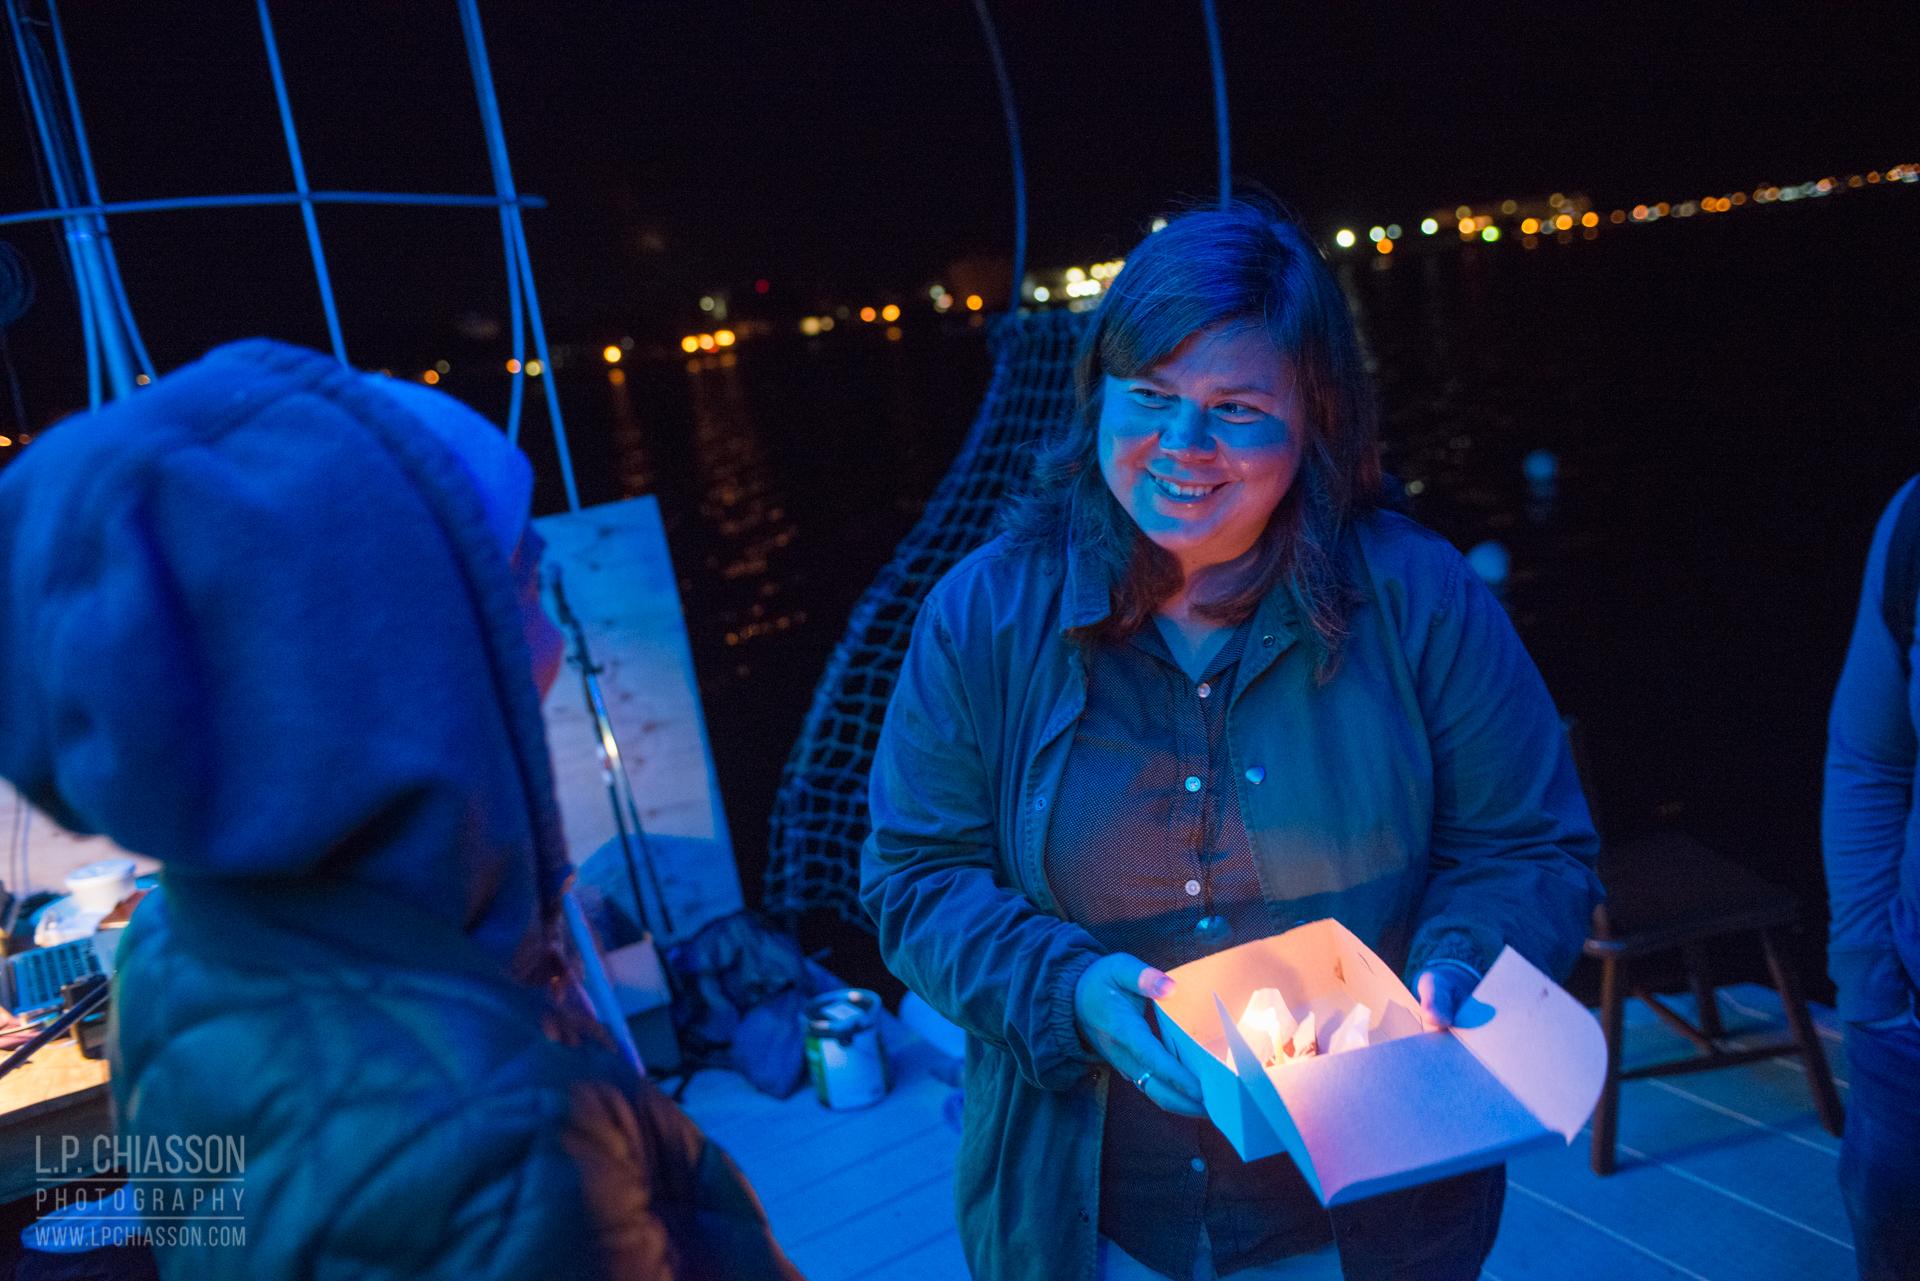 Lindsay Dobbin a animé un projet d'écoute profonde autour du Floating Warren Pavilion. Invitant les visiteurs à écouter l'eau à l'aide d'un microphone sous-marin, Dobbin a demandé : « Peut-on refléter l'eau vivante dans nos manières de bouger, d'apprendre et de créer ? ».  Écoutez ici . Photo: LP Chiasson & Festival Inspire.